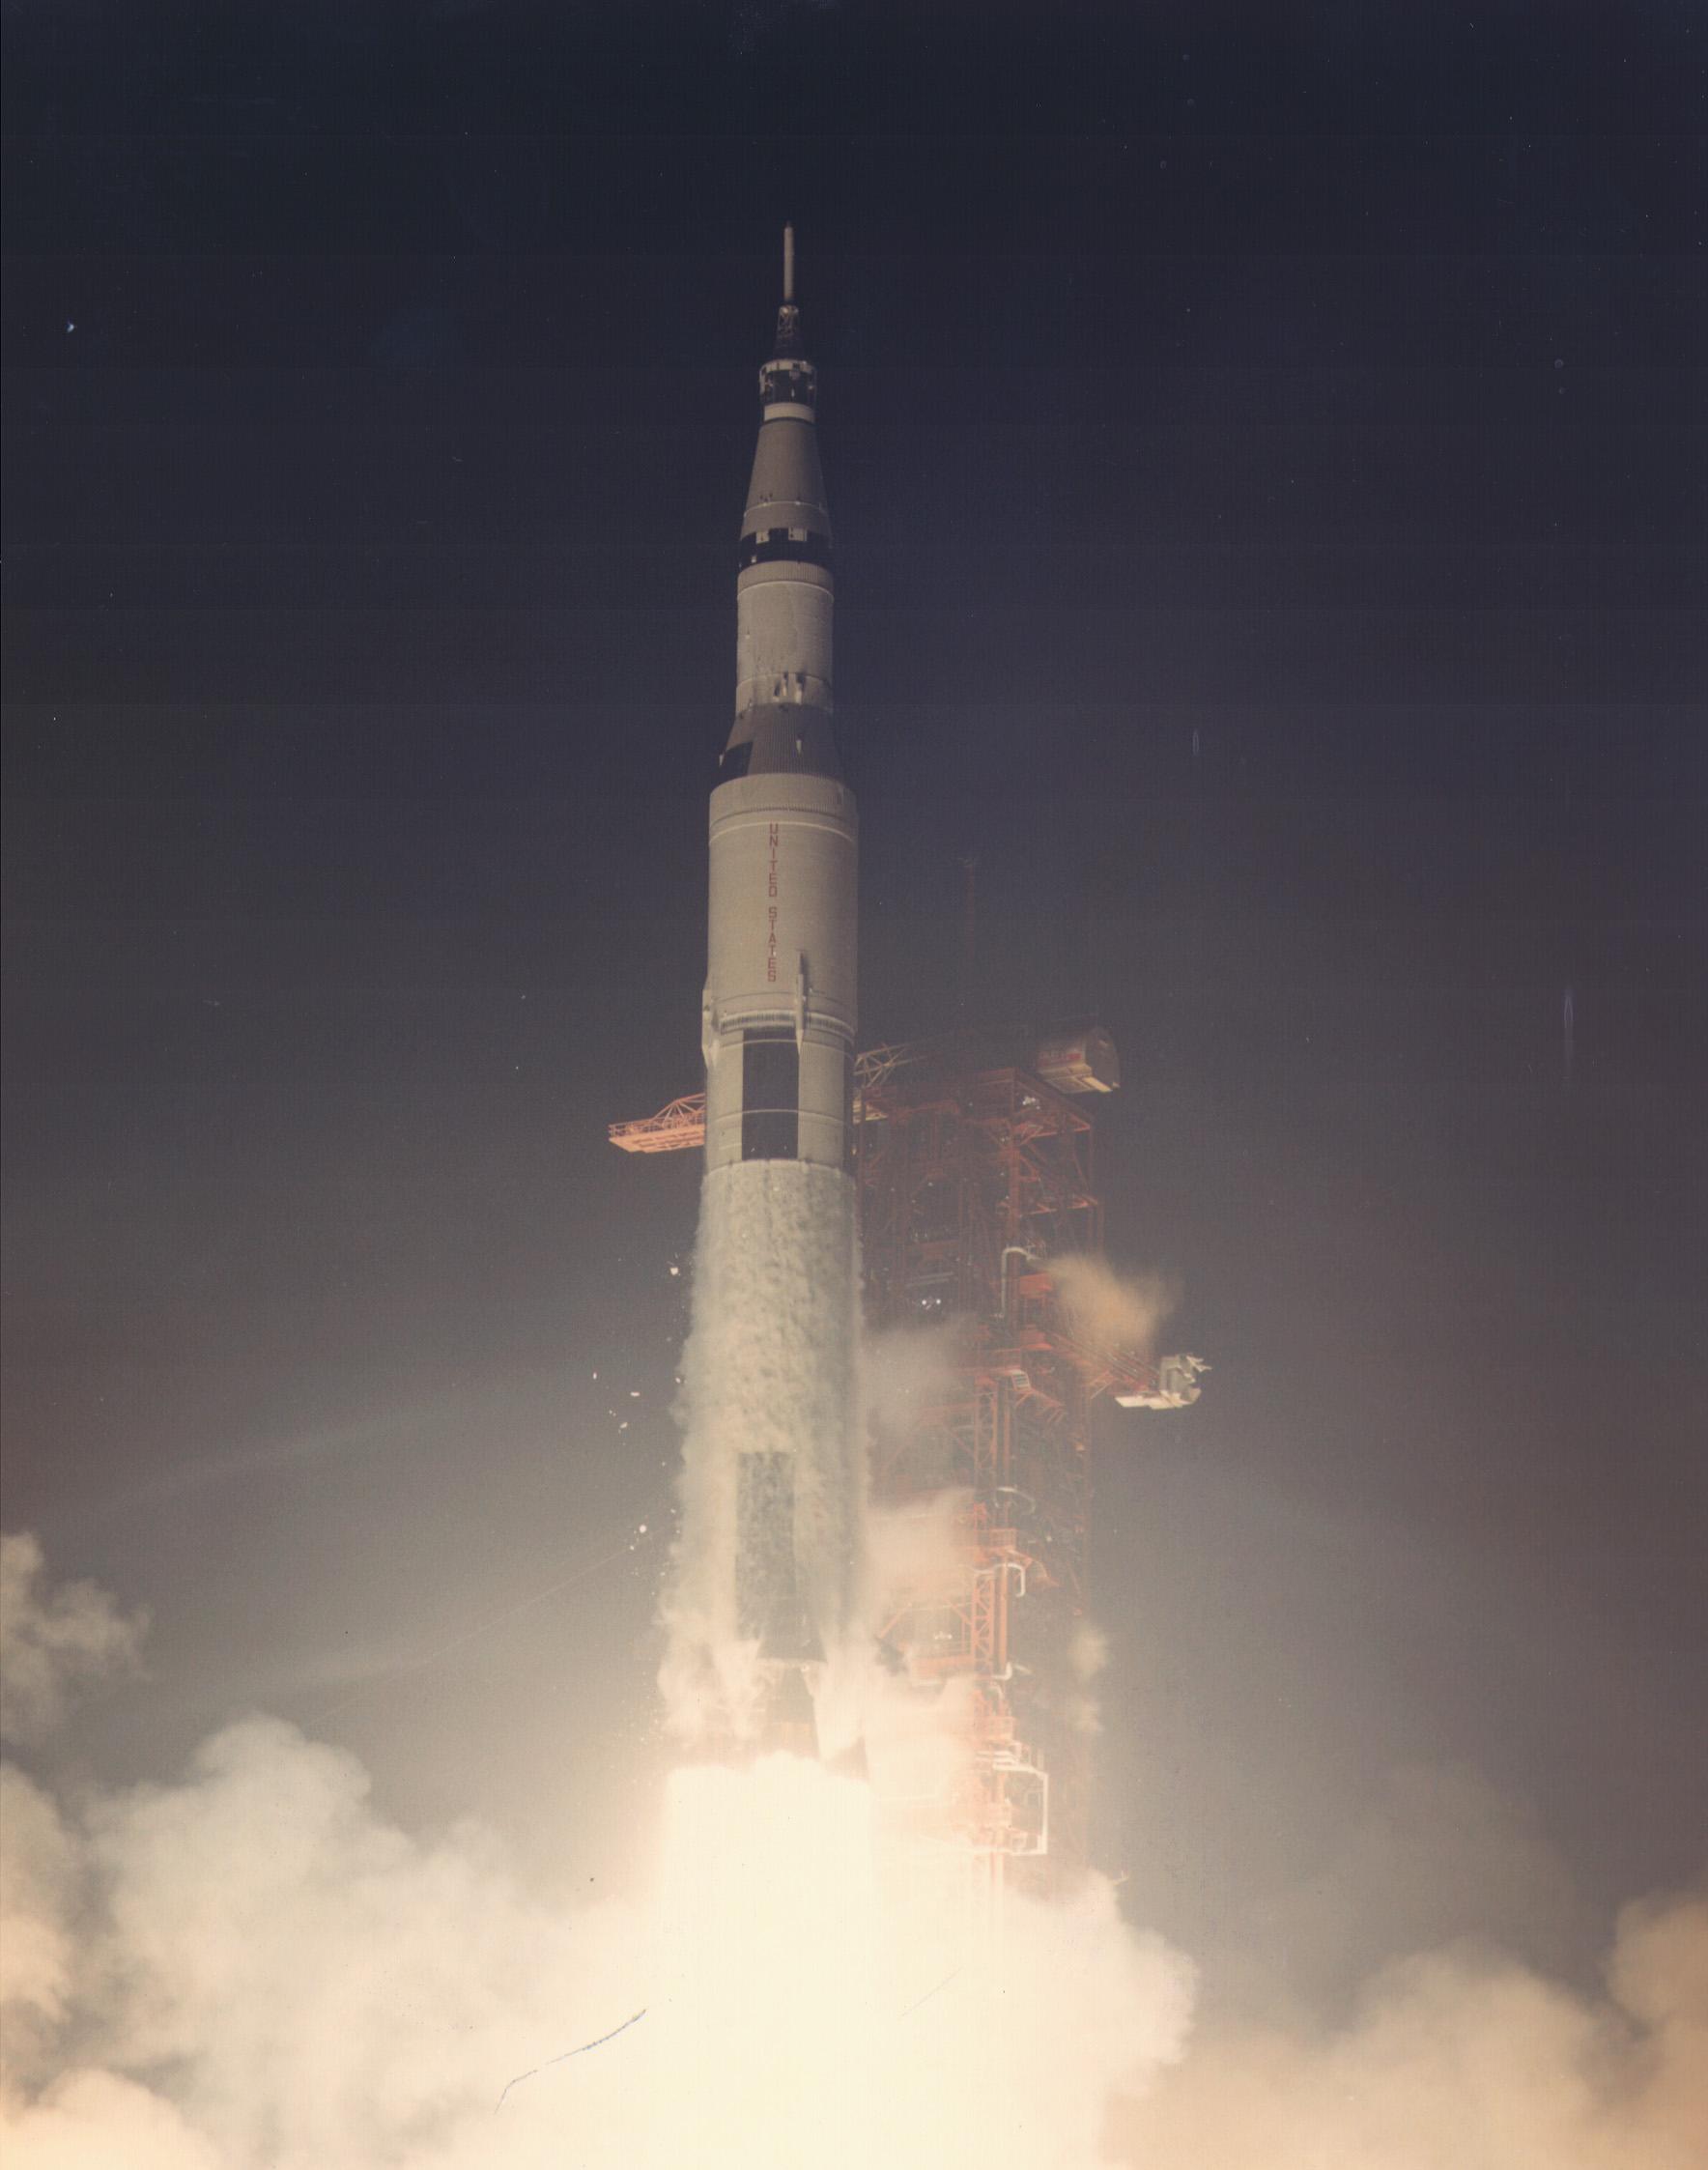 Apollo_17_launch